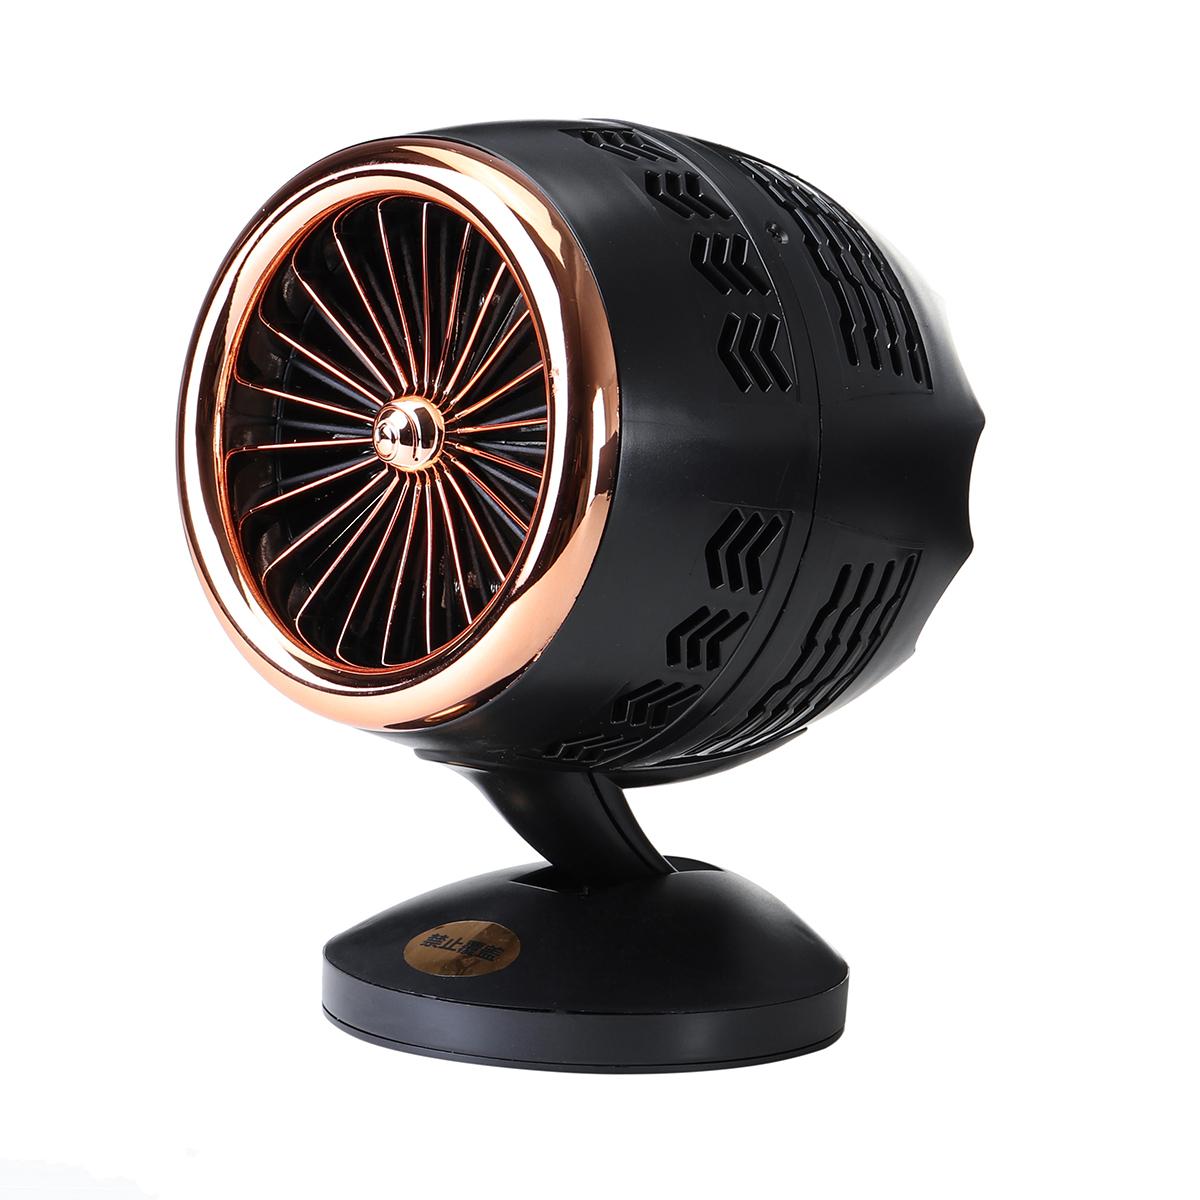 Портативный мини электрический вентилятор Нагреватель Удобный комнатный вентилятор радиатора